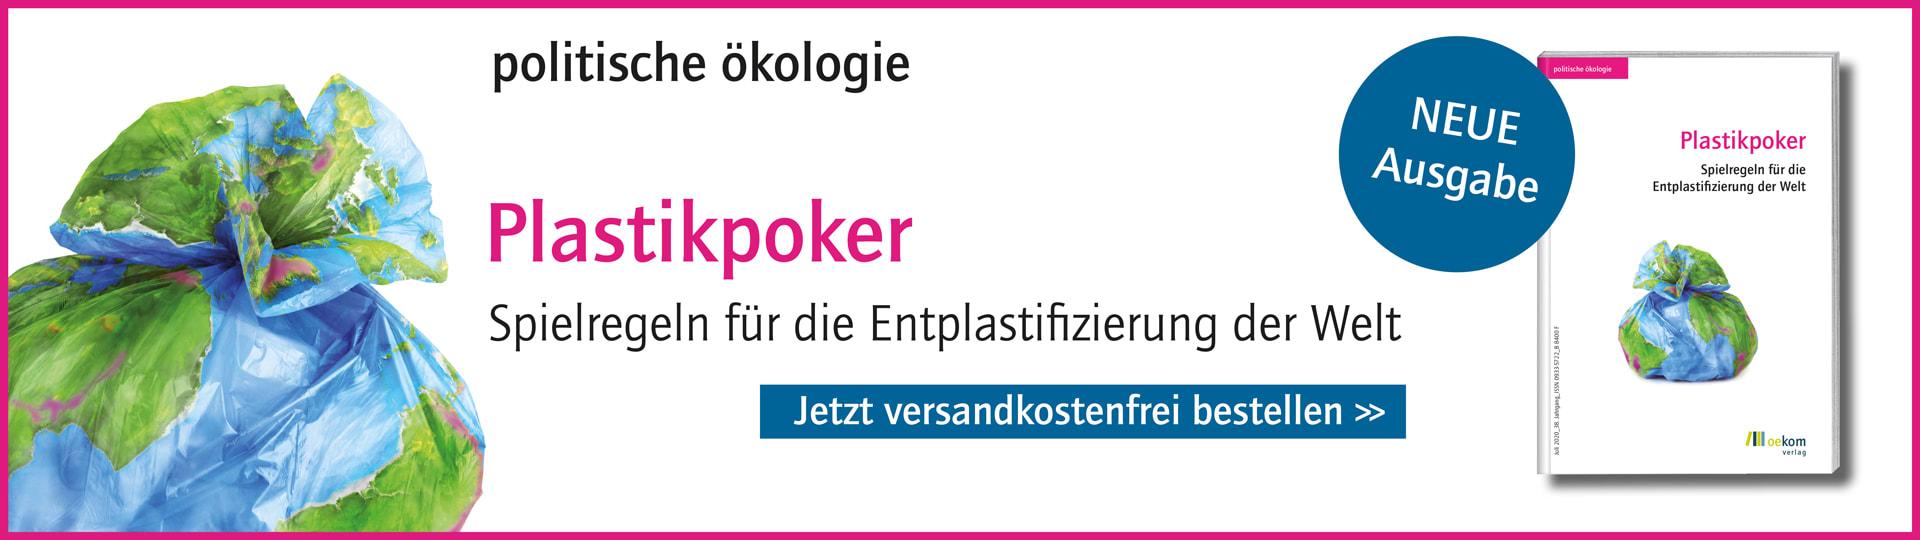 Banner für Ausgabe 2/2020 der Zeitschrift politische ökologie zum Thema Plastik